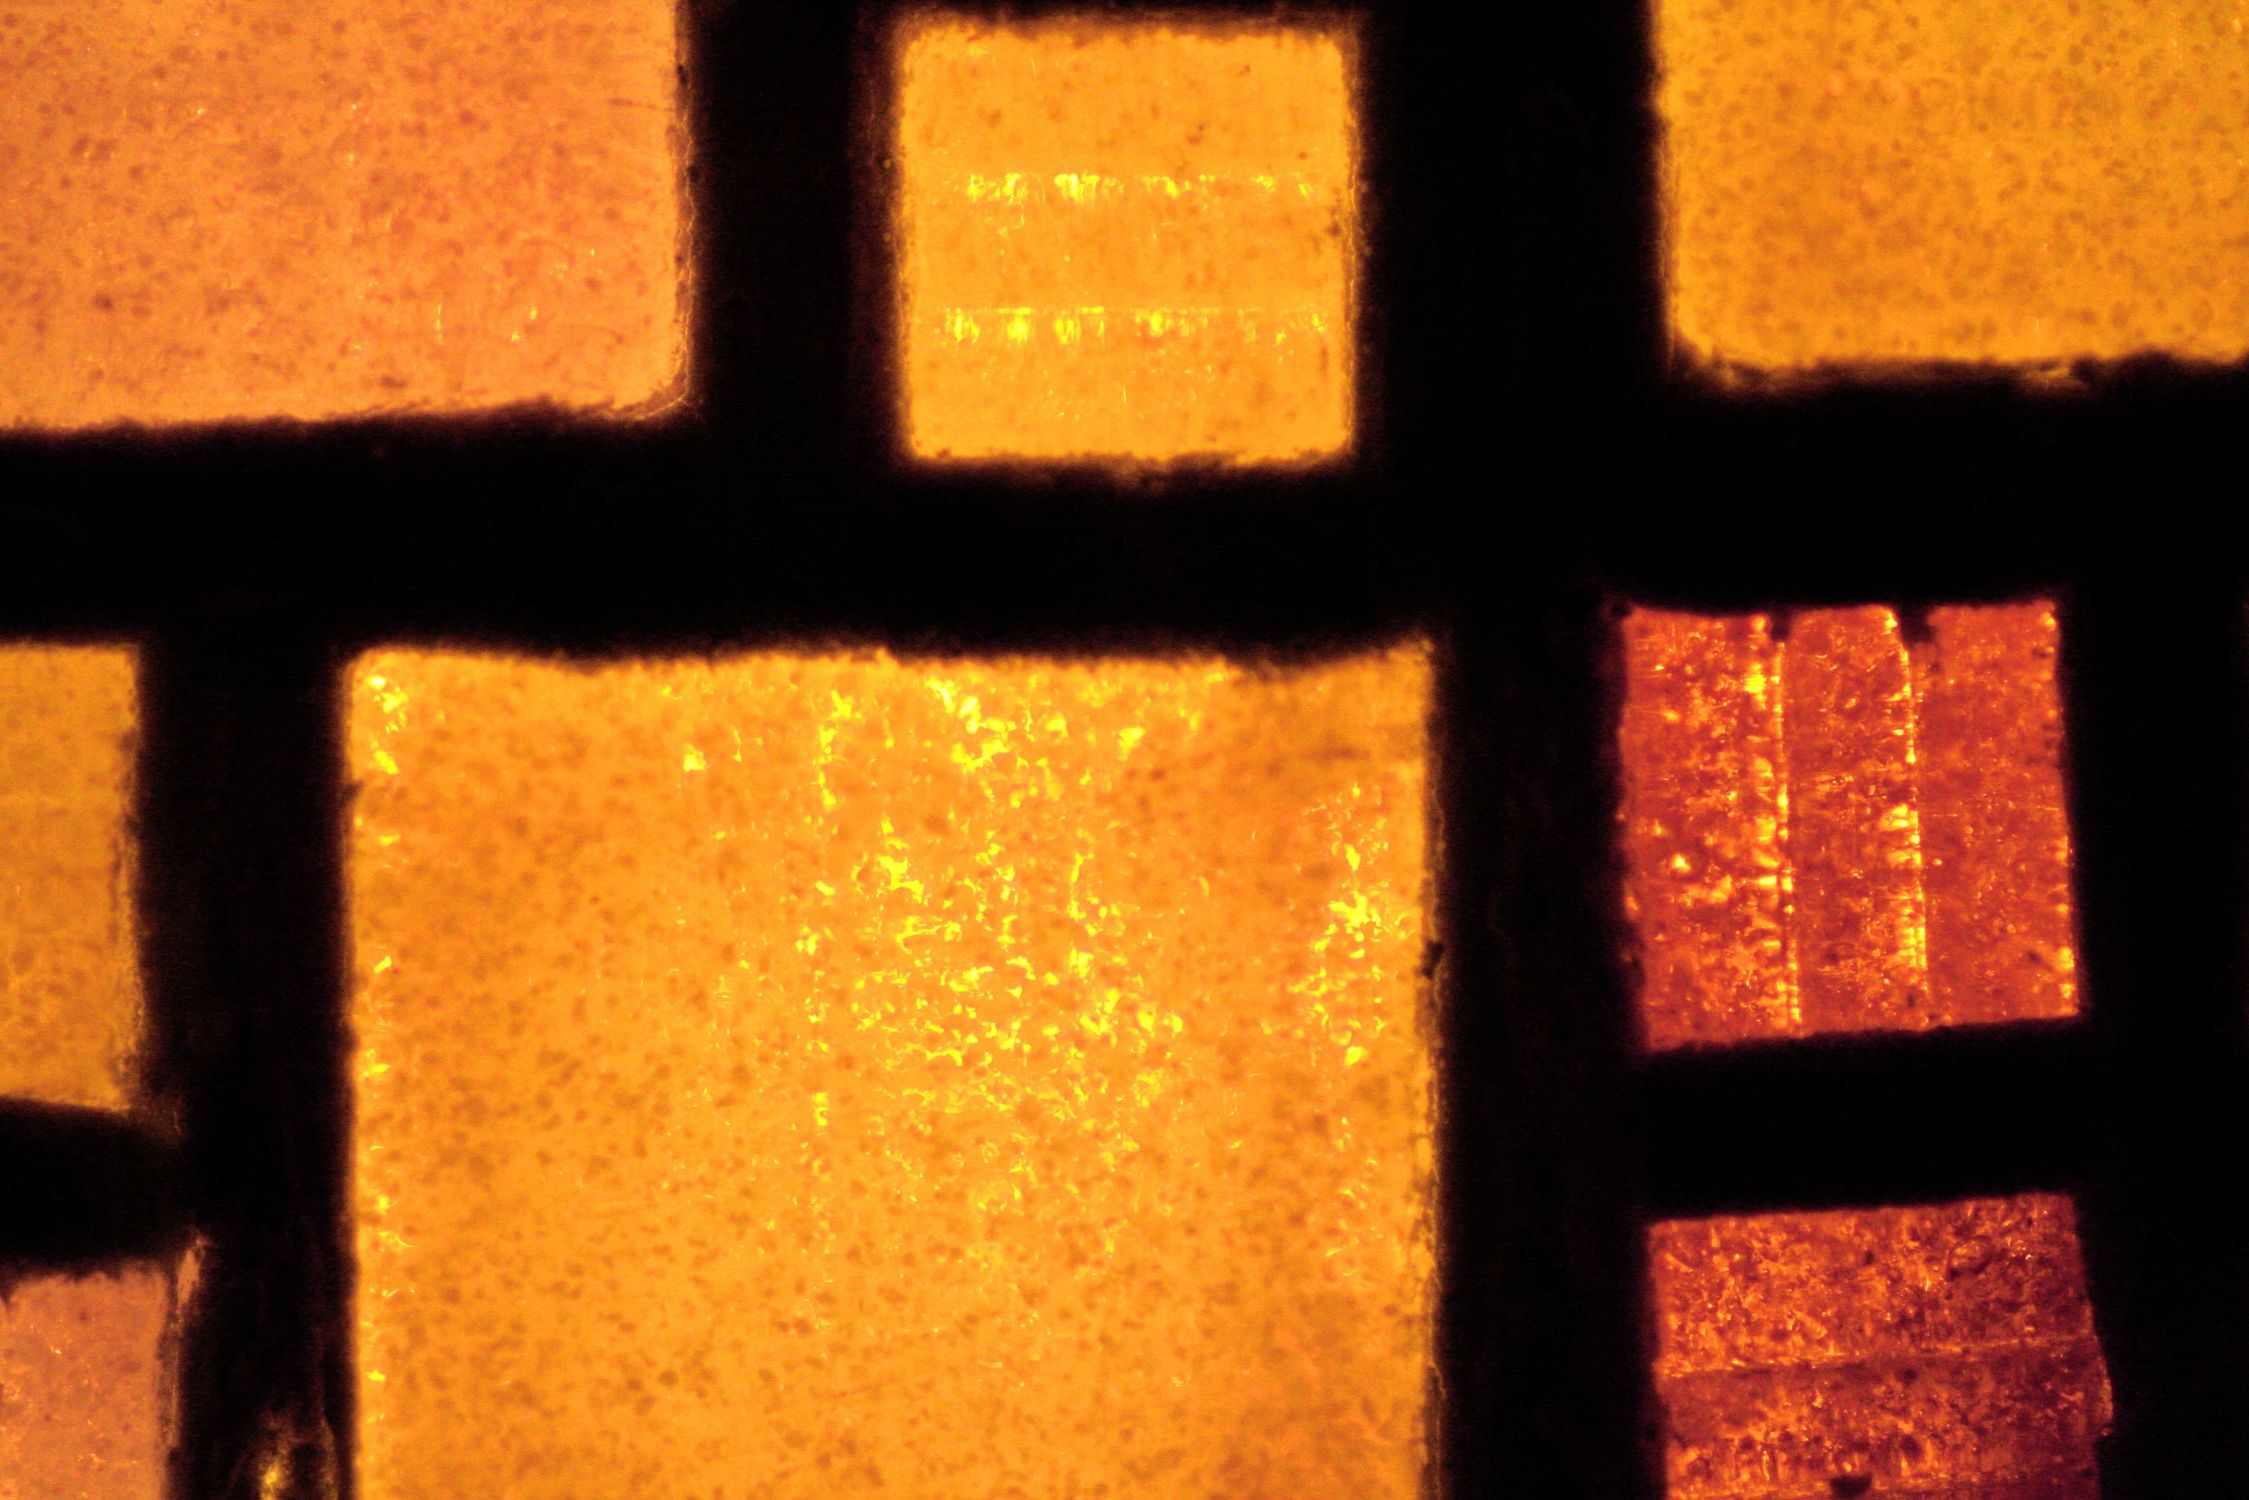 Bild mit Farben, Orange, Gelb, Architektur, Bauwerke, Gebäudeteile, Fenster, Schmuck, Bernsteine